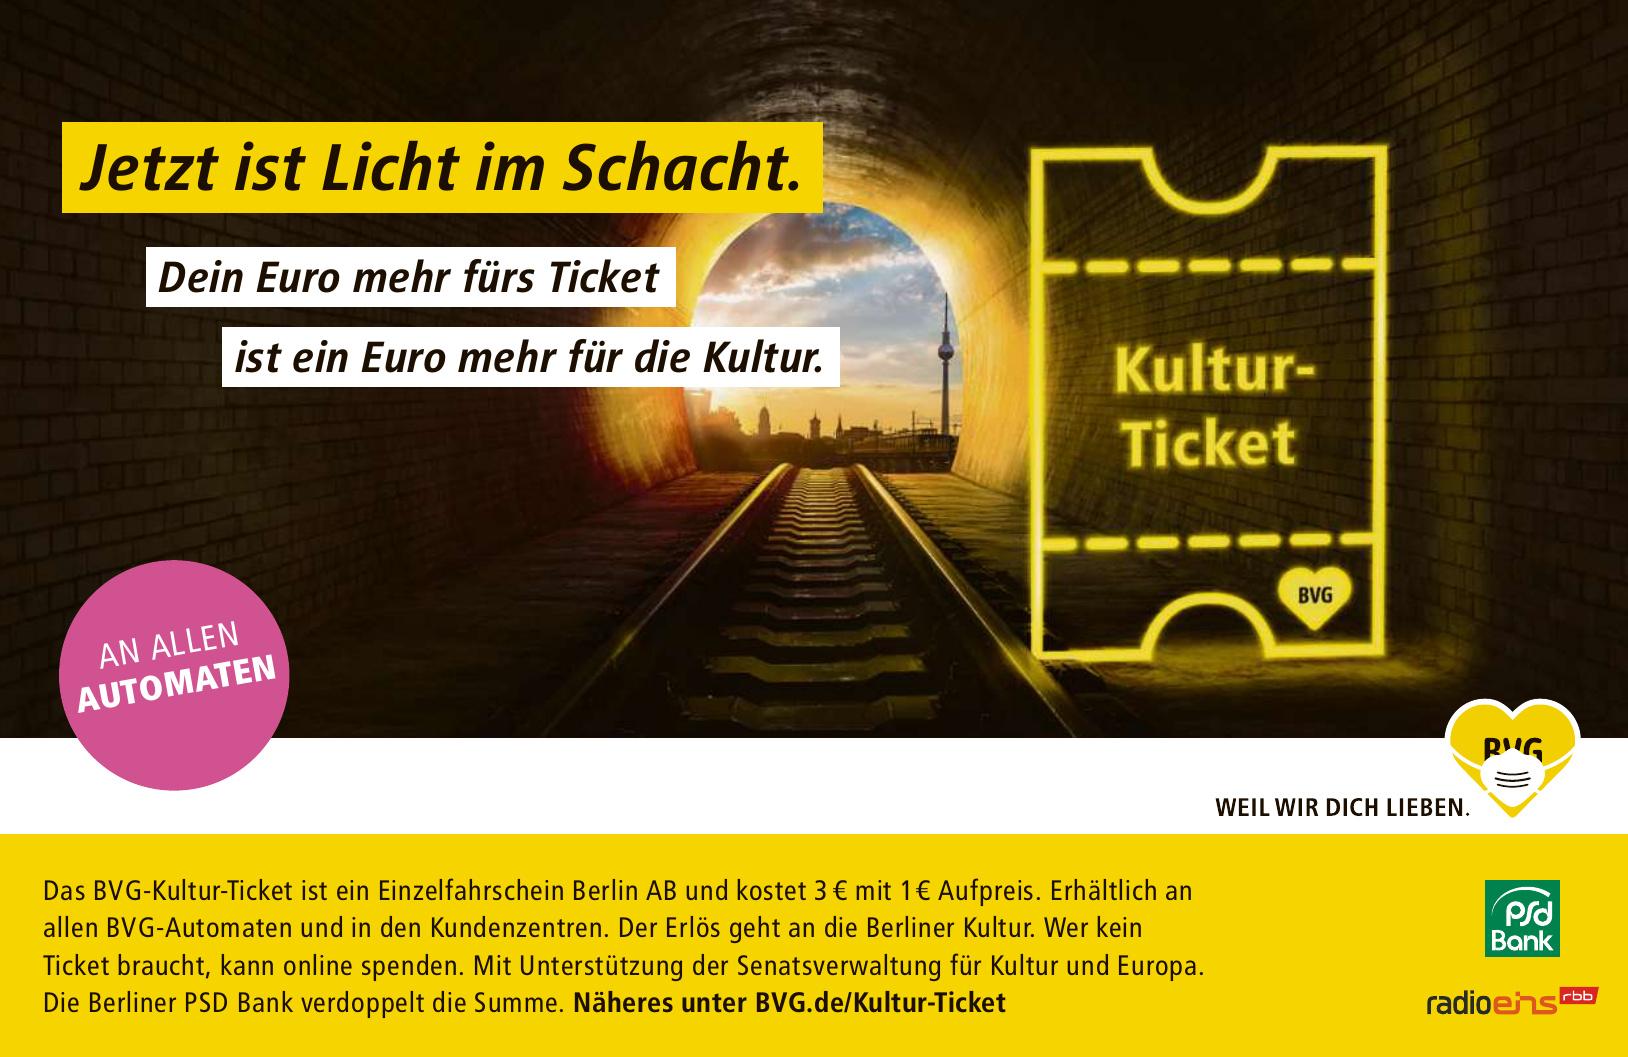 BVG-Kultur-Ticket